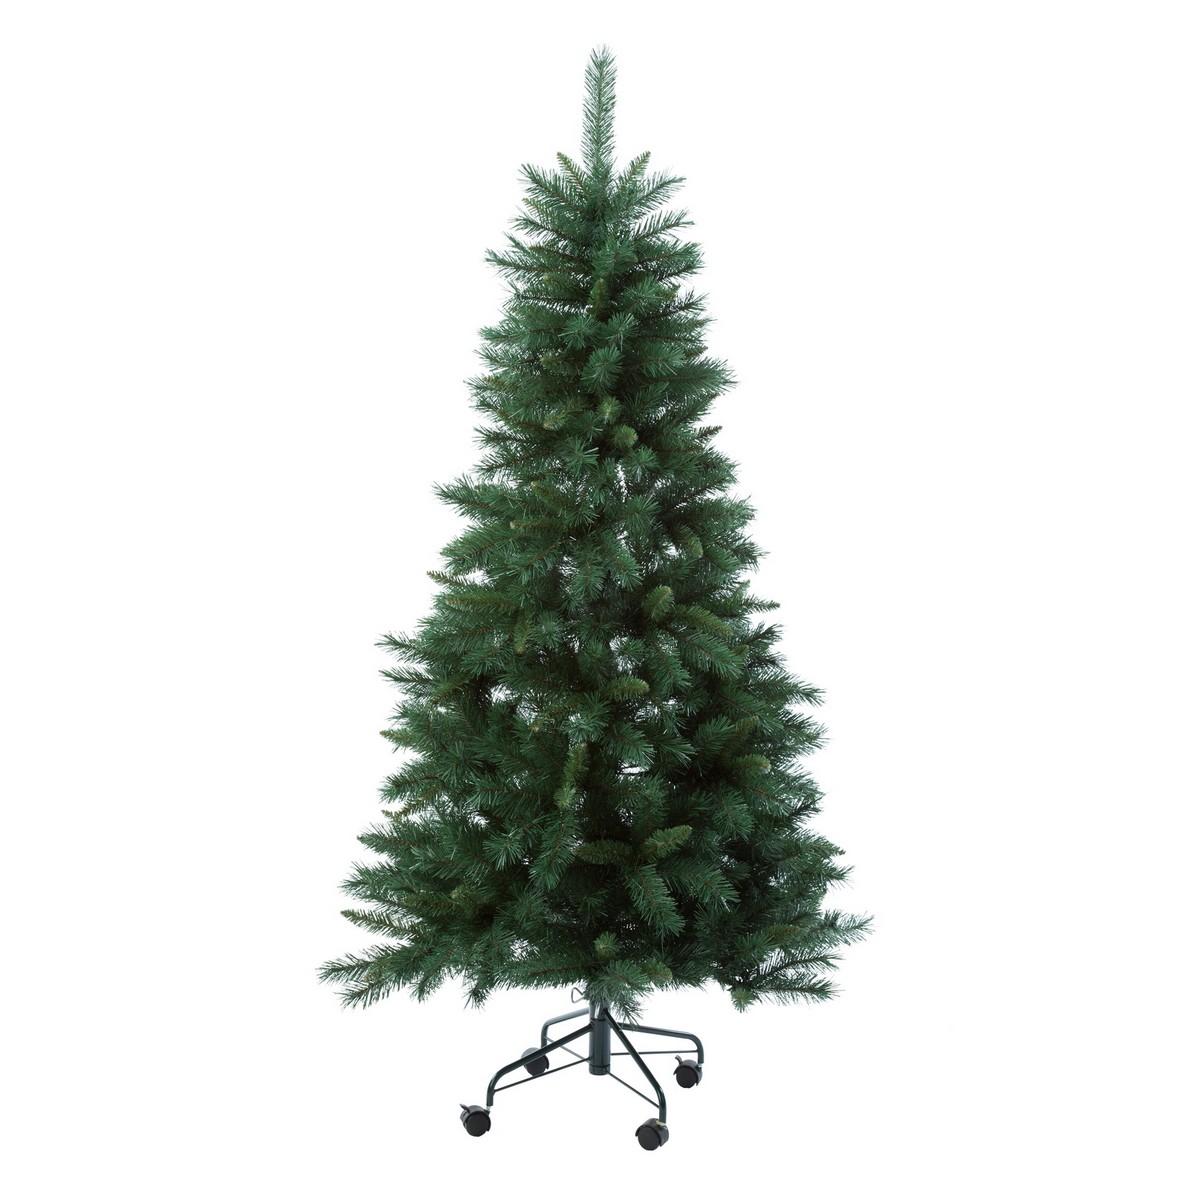 大特価◎【造花】YDM/5.0M ツリー /CA-302【01】【取寄】《 店舗ディスプレイ クリスマス飾り クリスマスツリー 》